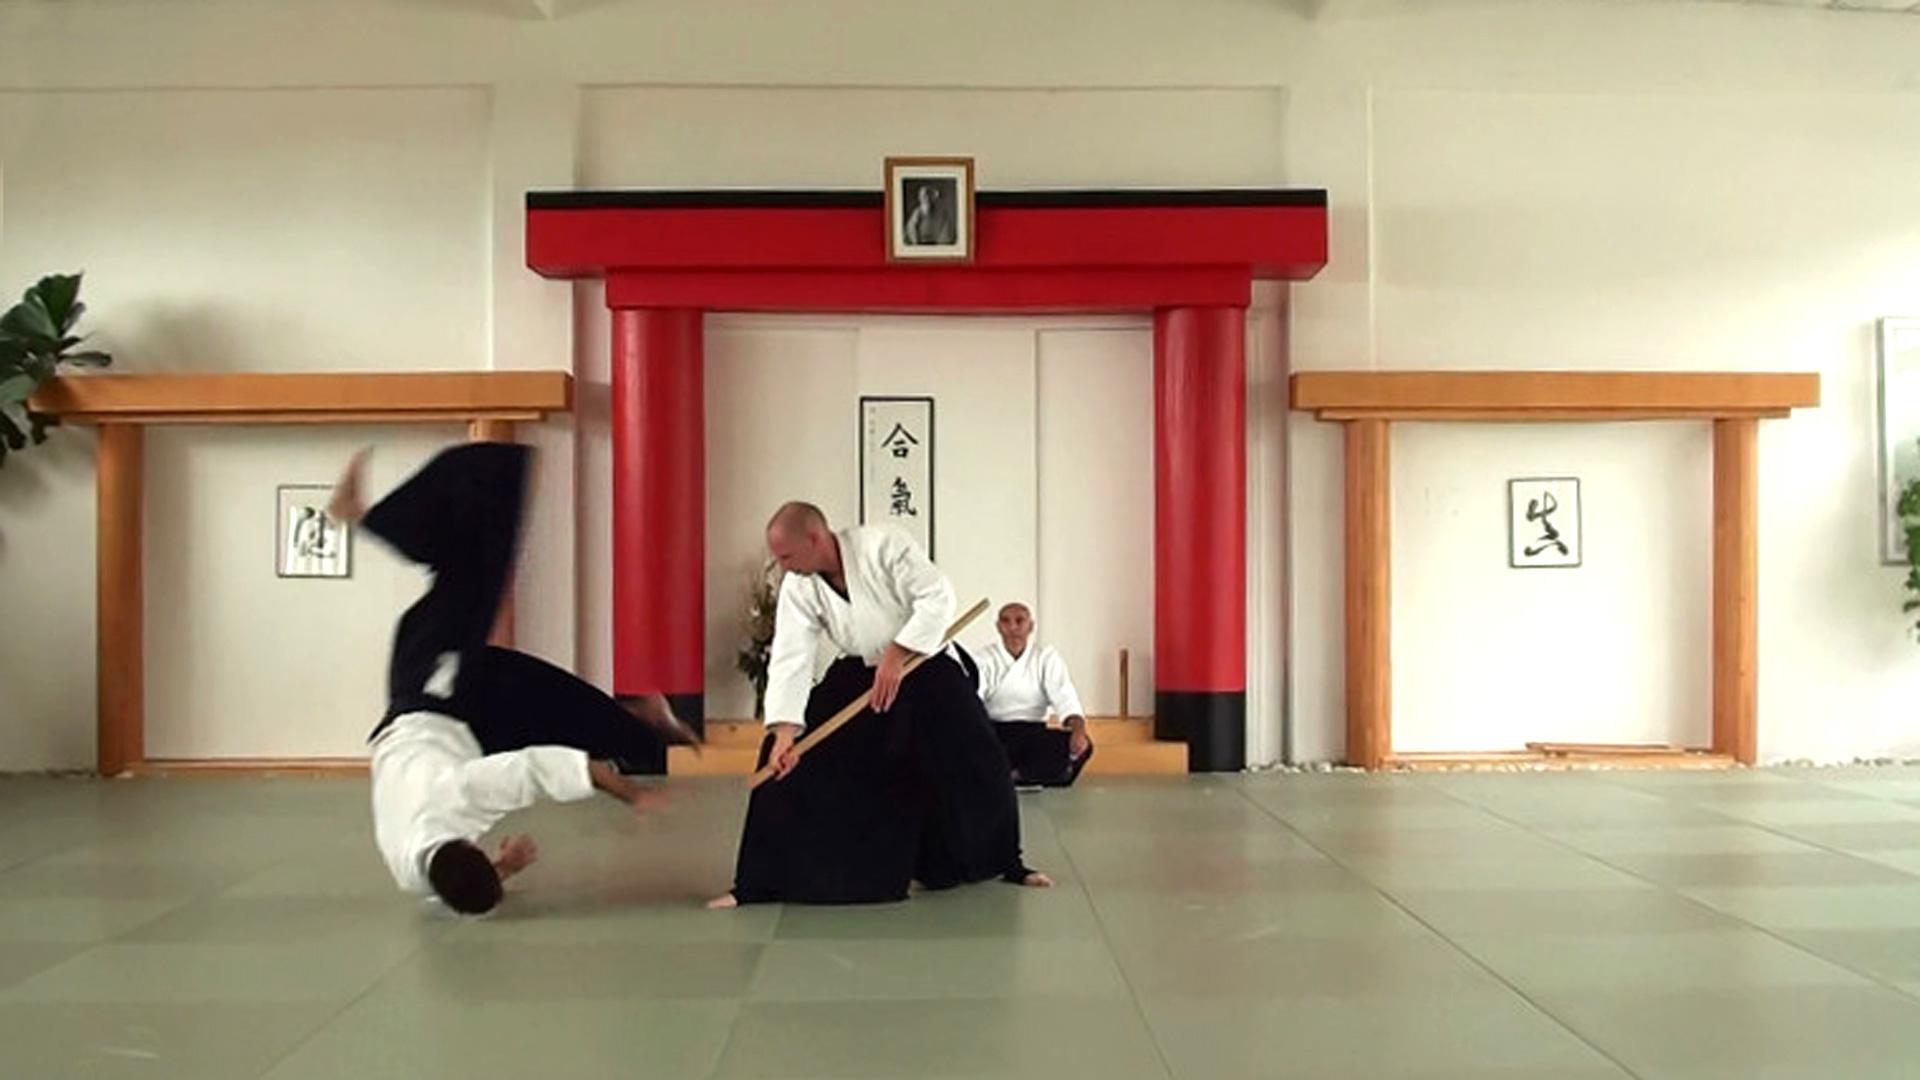 Aïkido slide 03